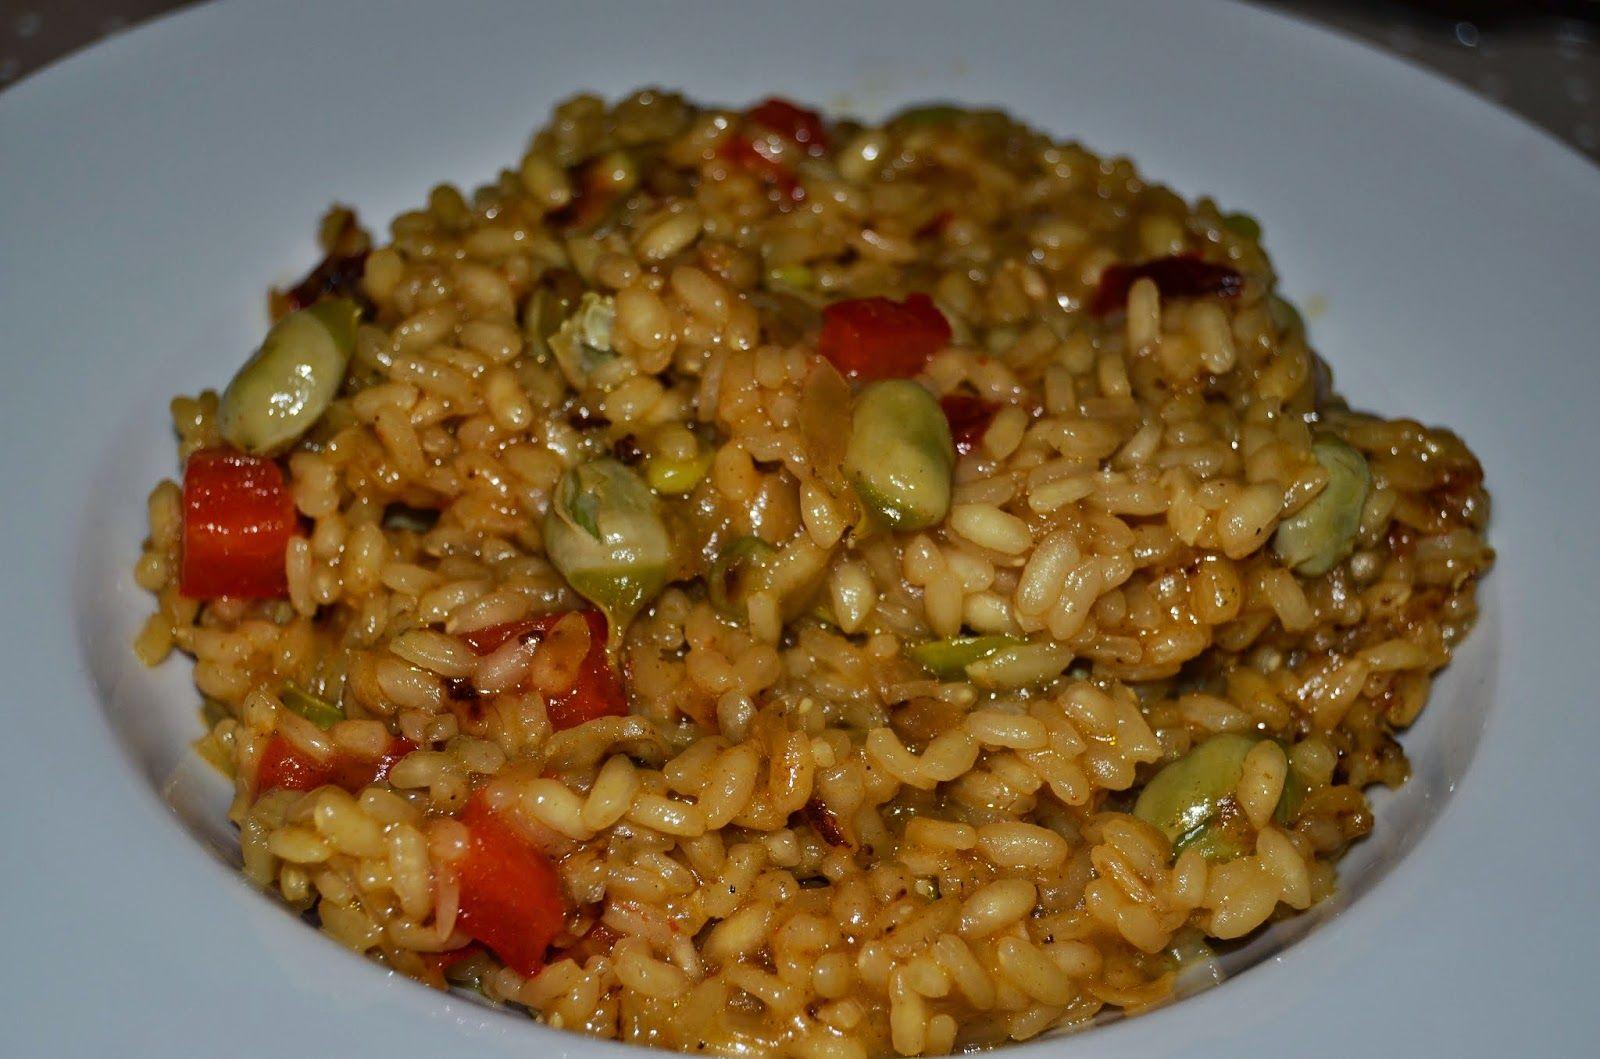 Cocinando vegetales: Arroz con habas y pimiento rojo.